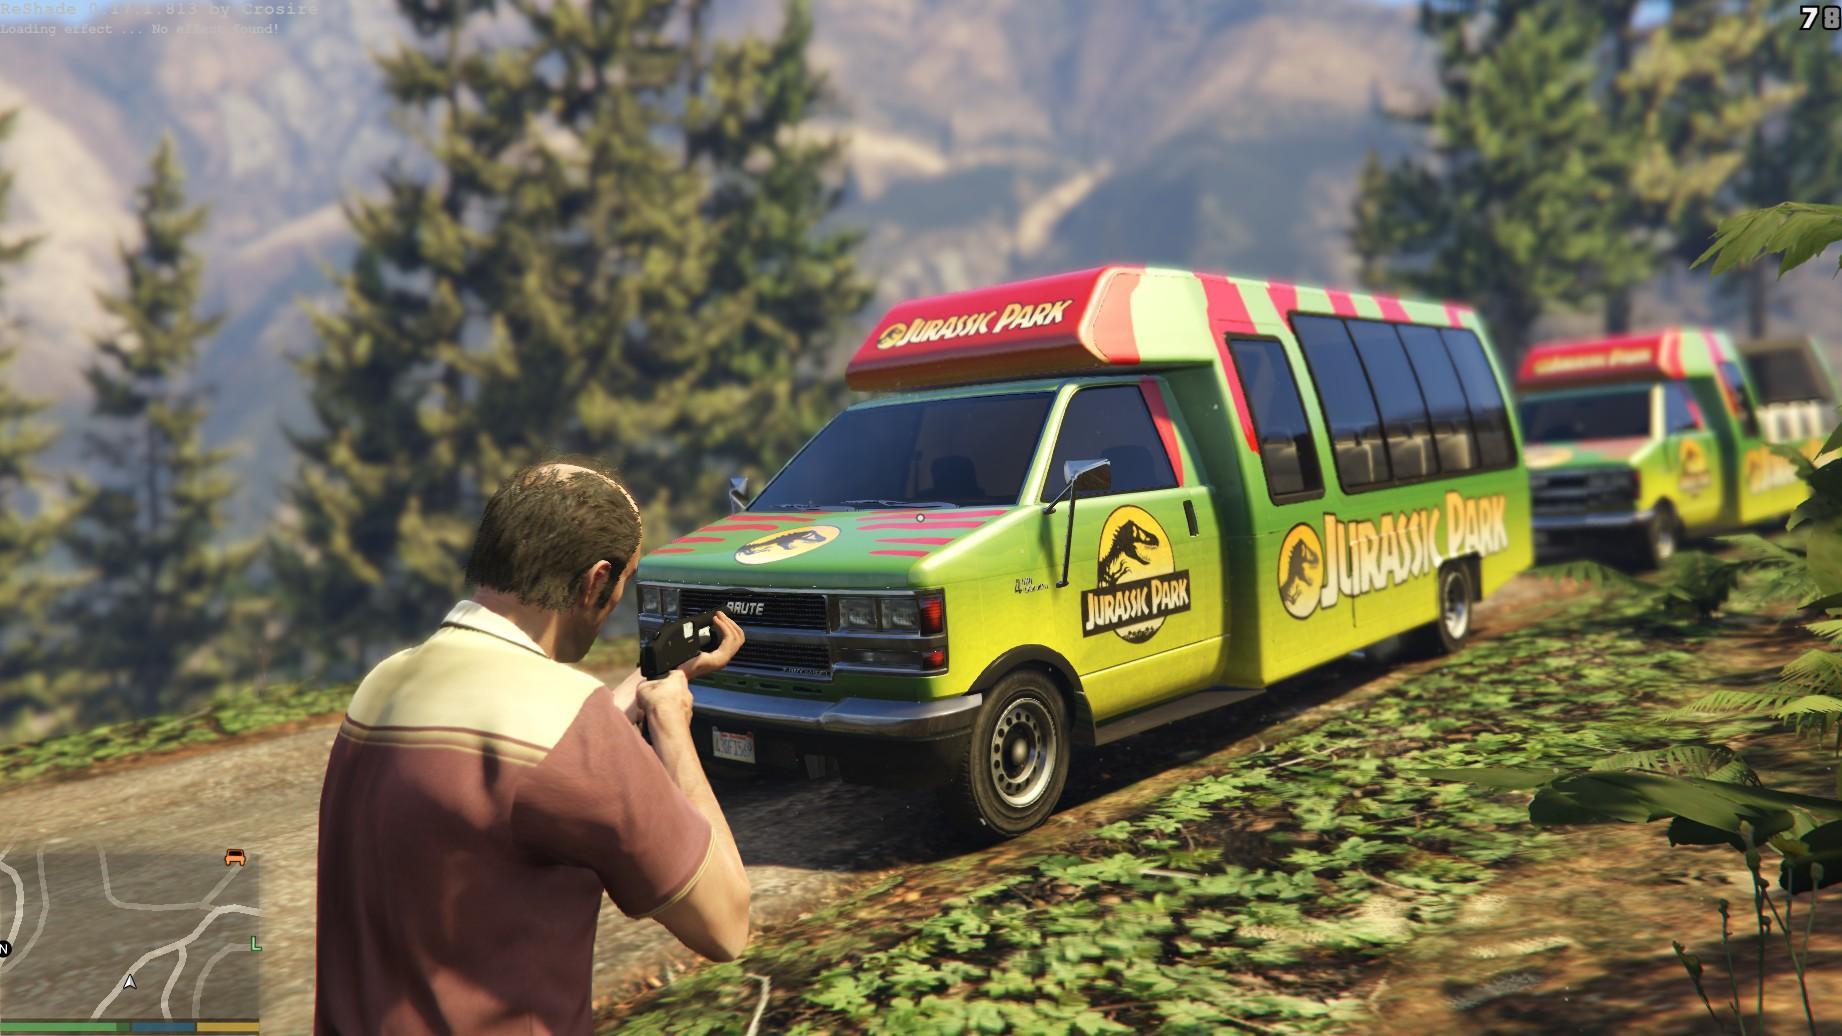 Jurassic Park Tour Bus Gta5 Mods Com